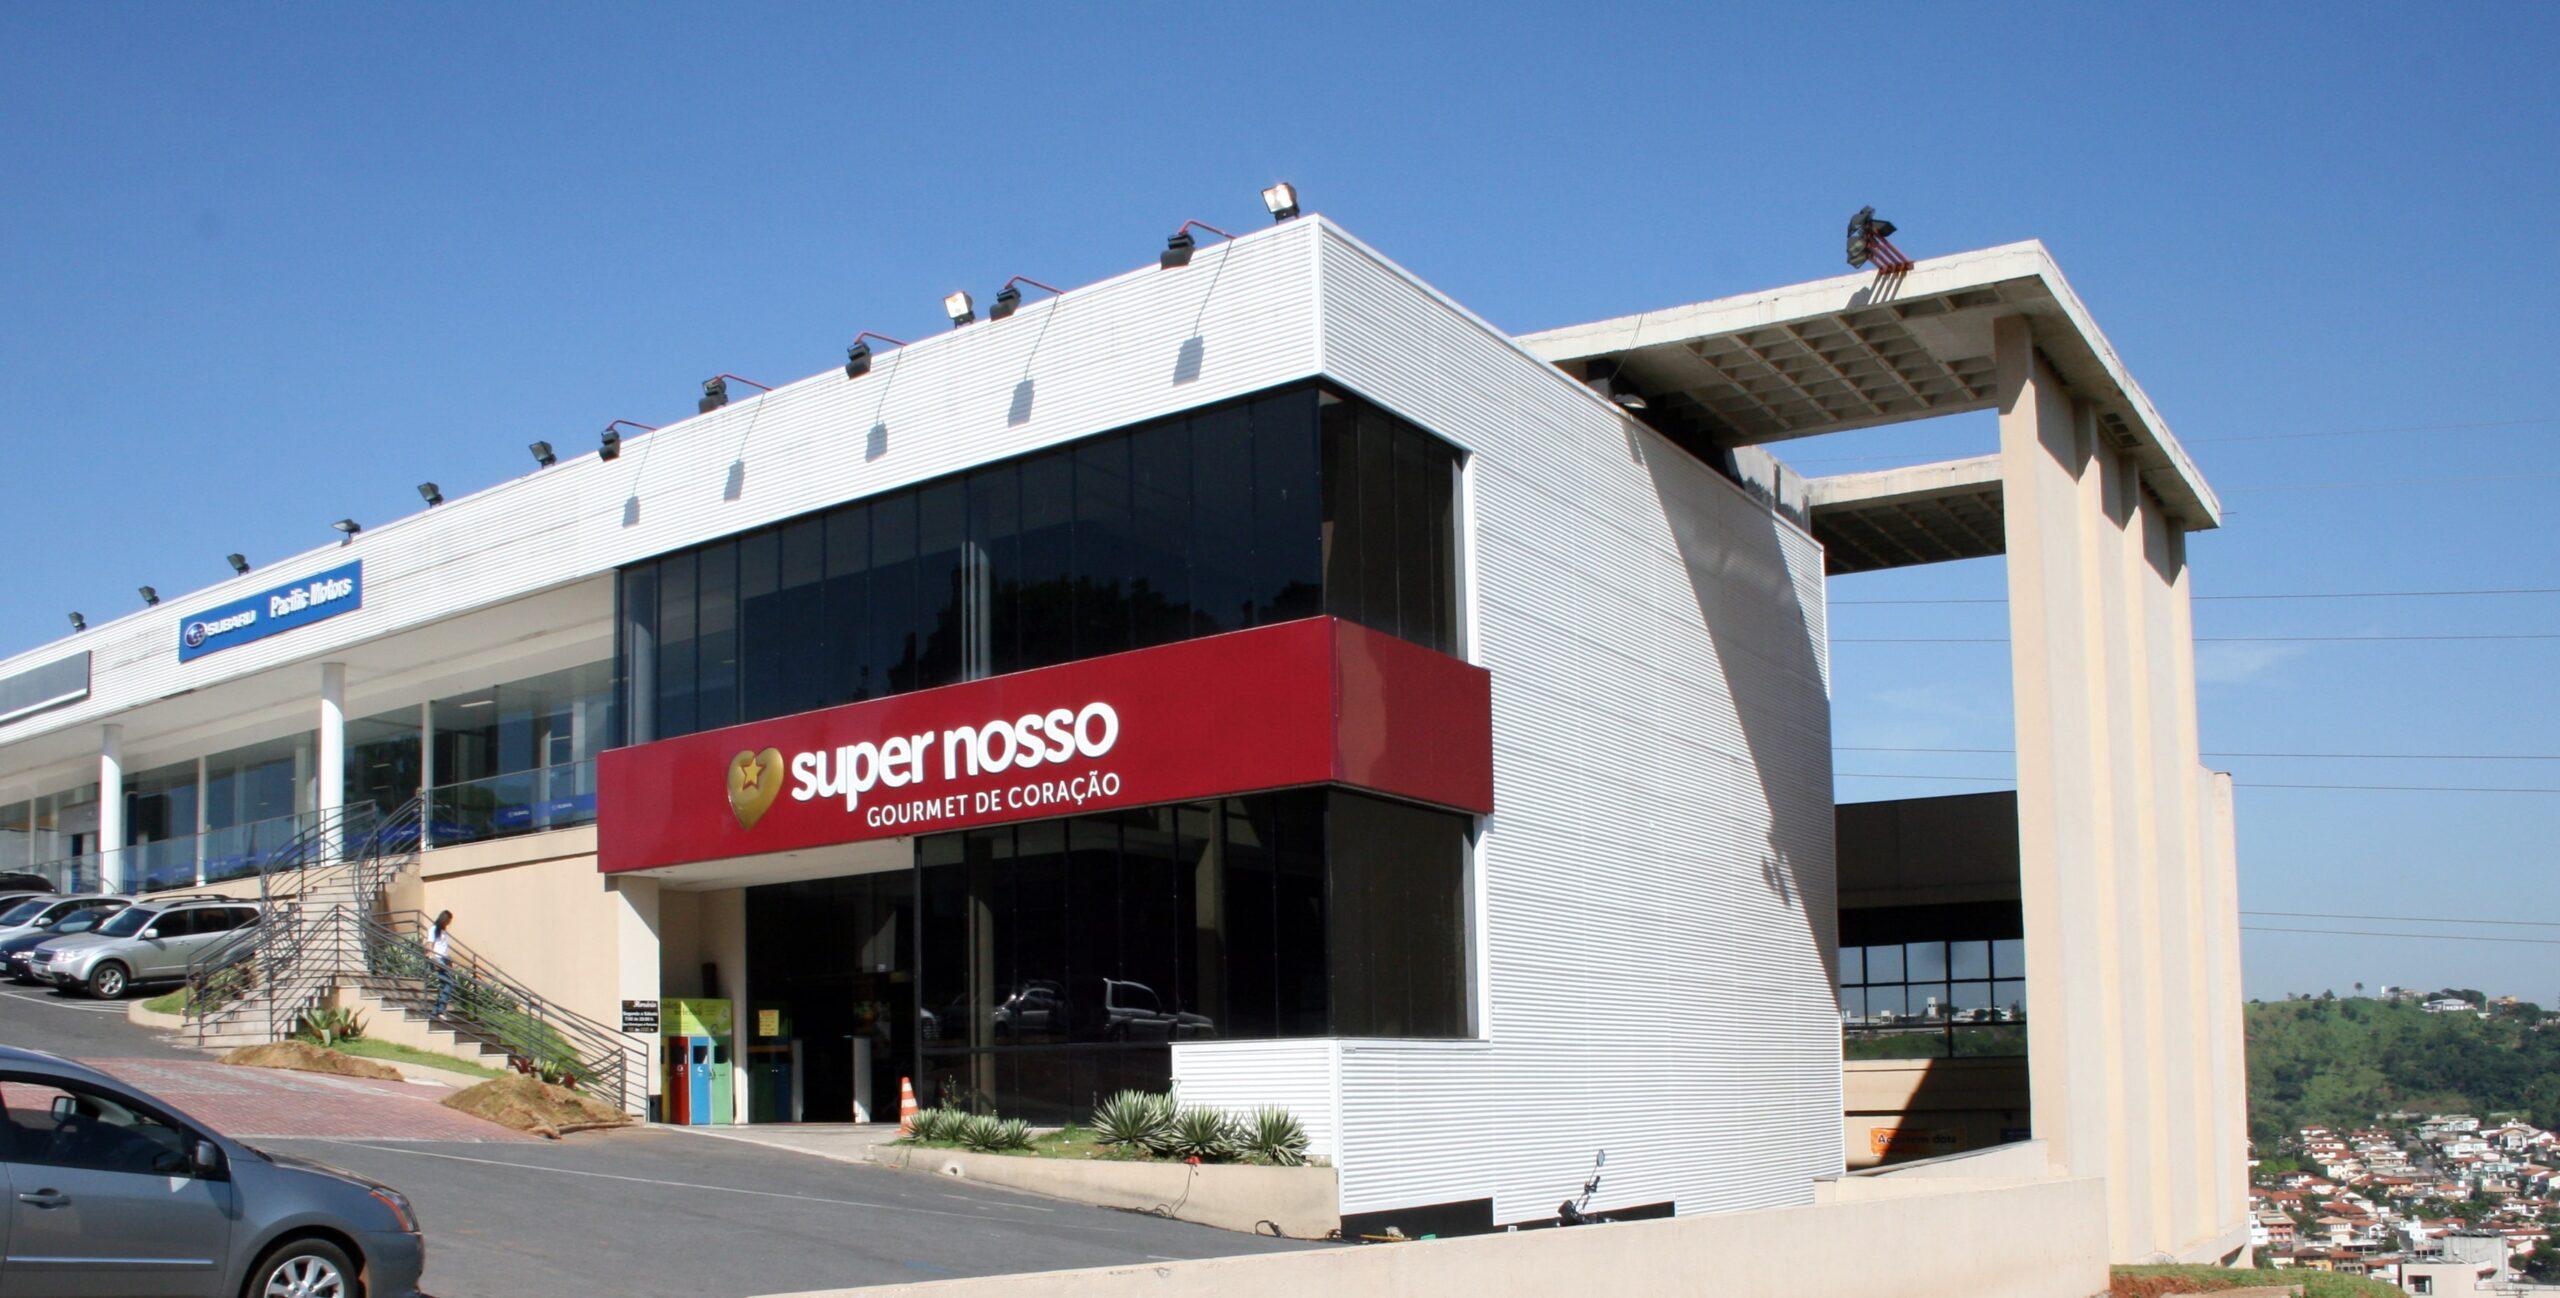 Super Nosso abre vagas - Foto: Divulgação/Super Nosso